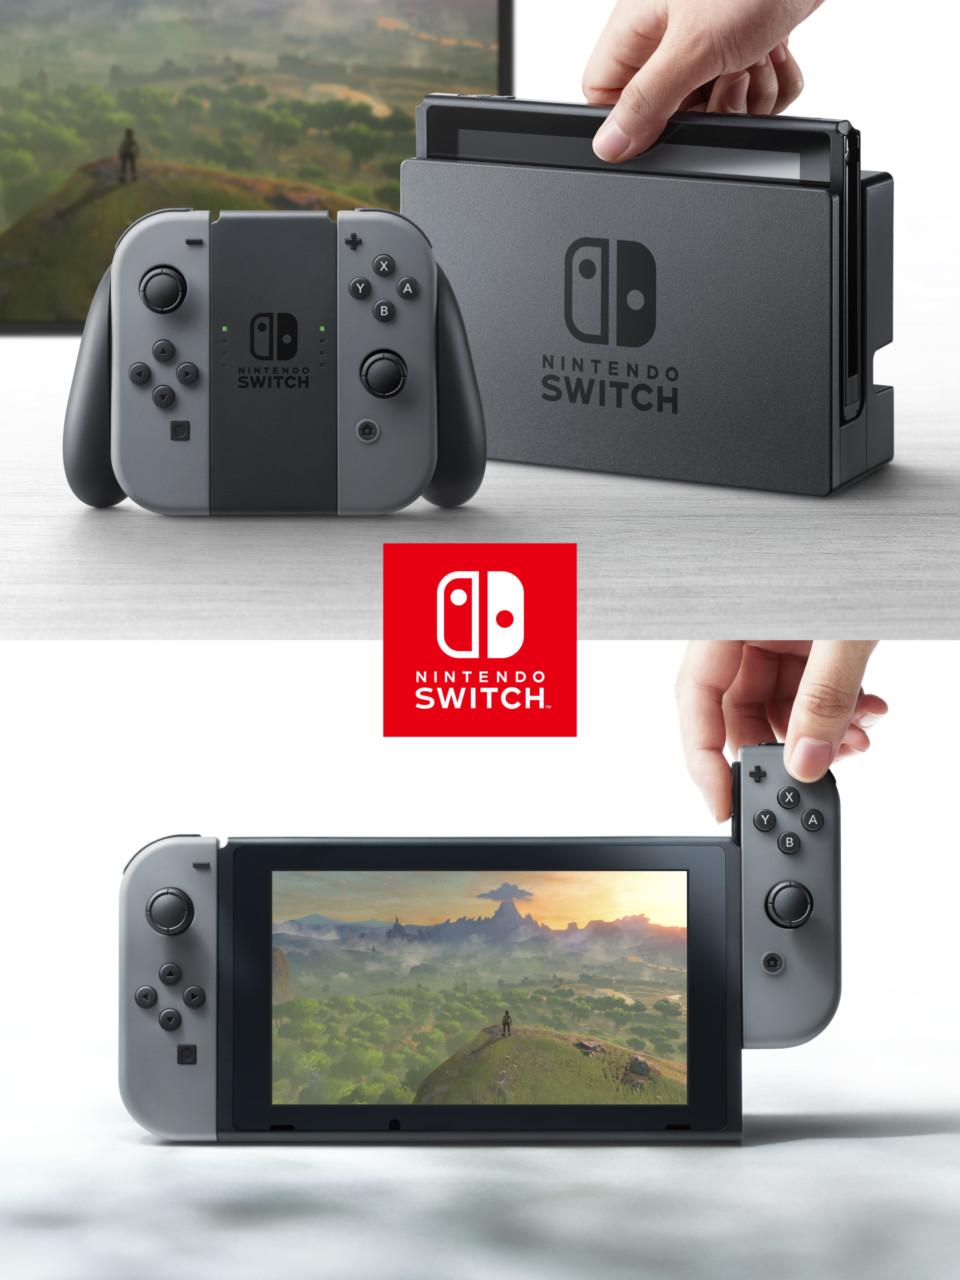 Nintendo Switch : deux nouveaux modèles attendus en 2019